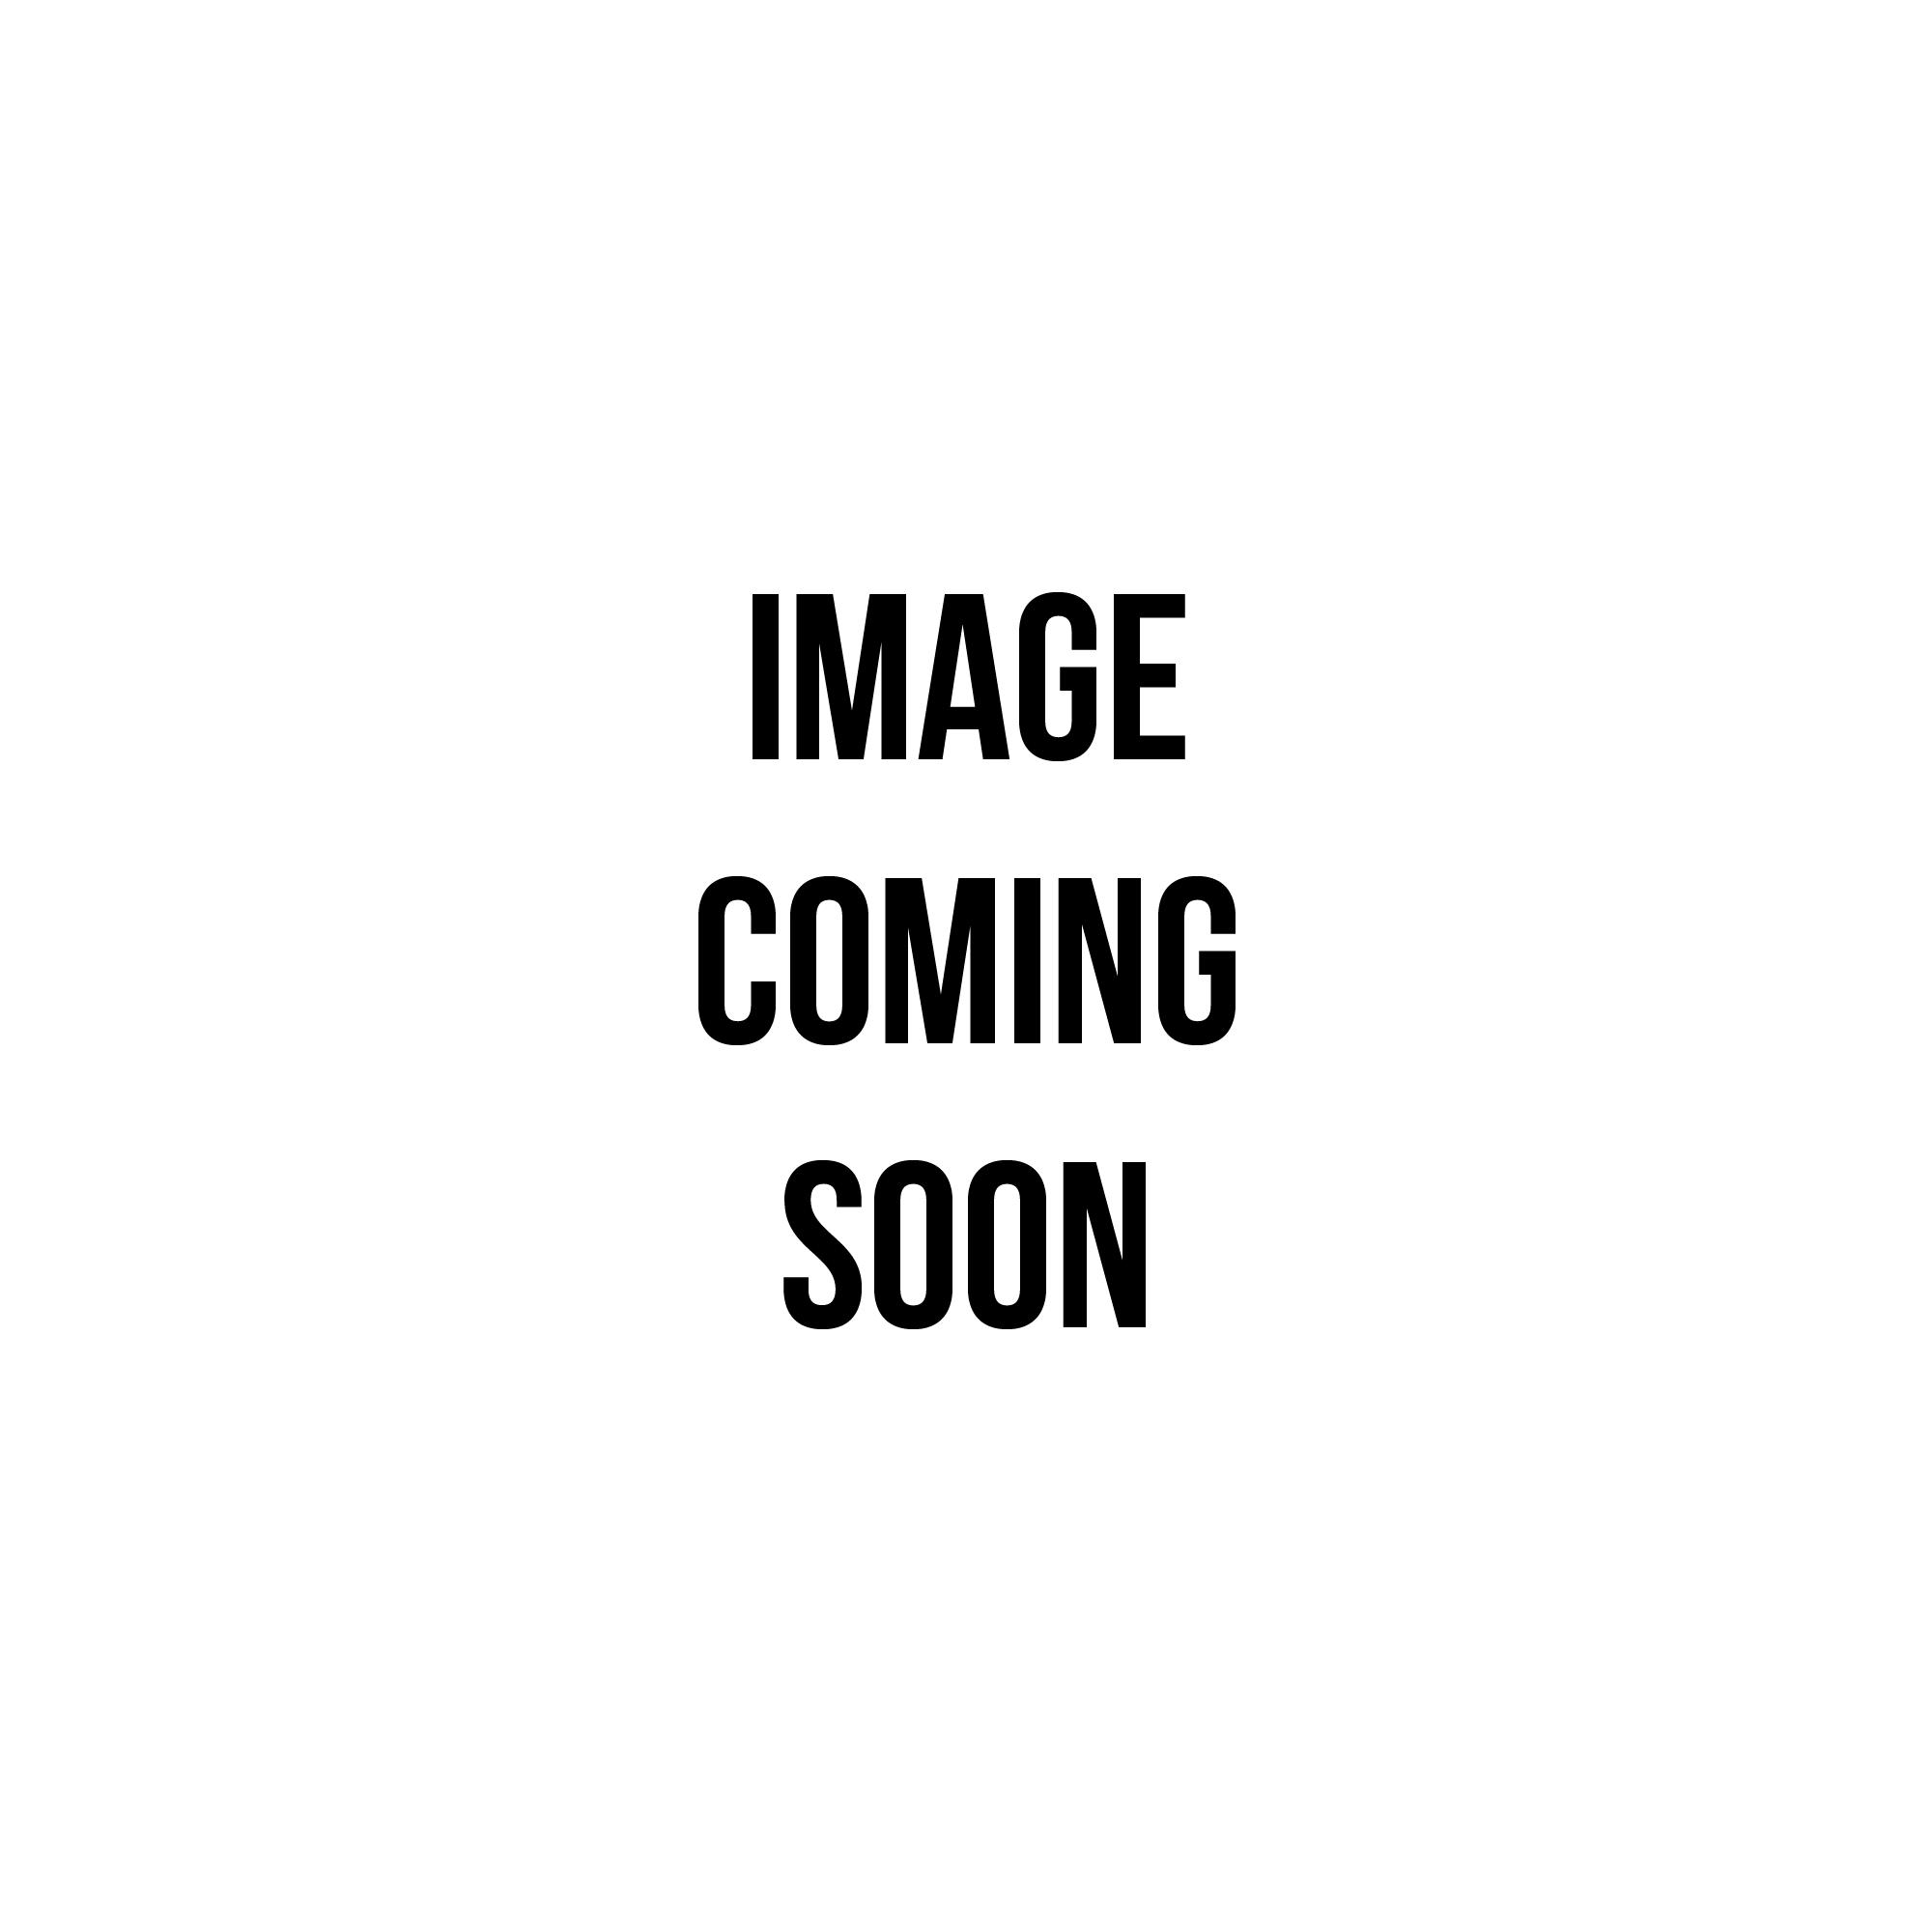 Nike Air Max 90 Ez Dessus De Réservoir Pour Femmes originale sortie Réduction grande remise KvwYTESaN